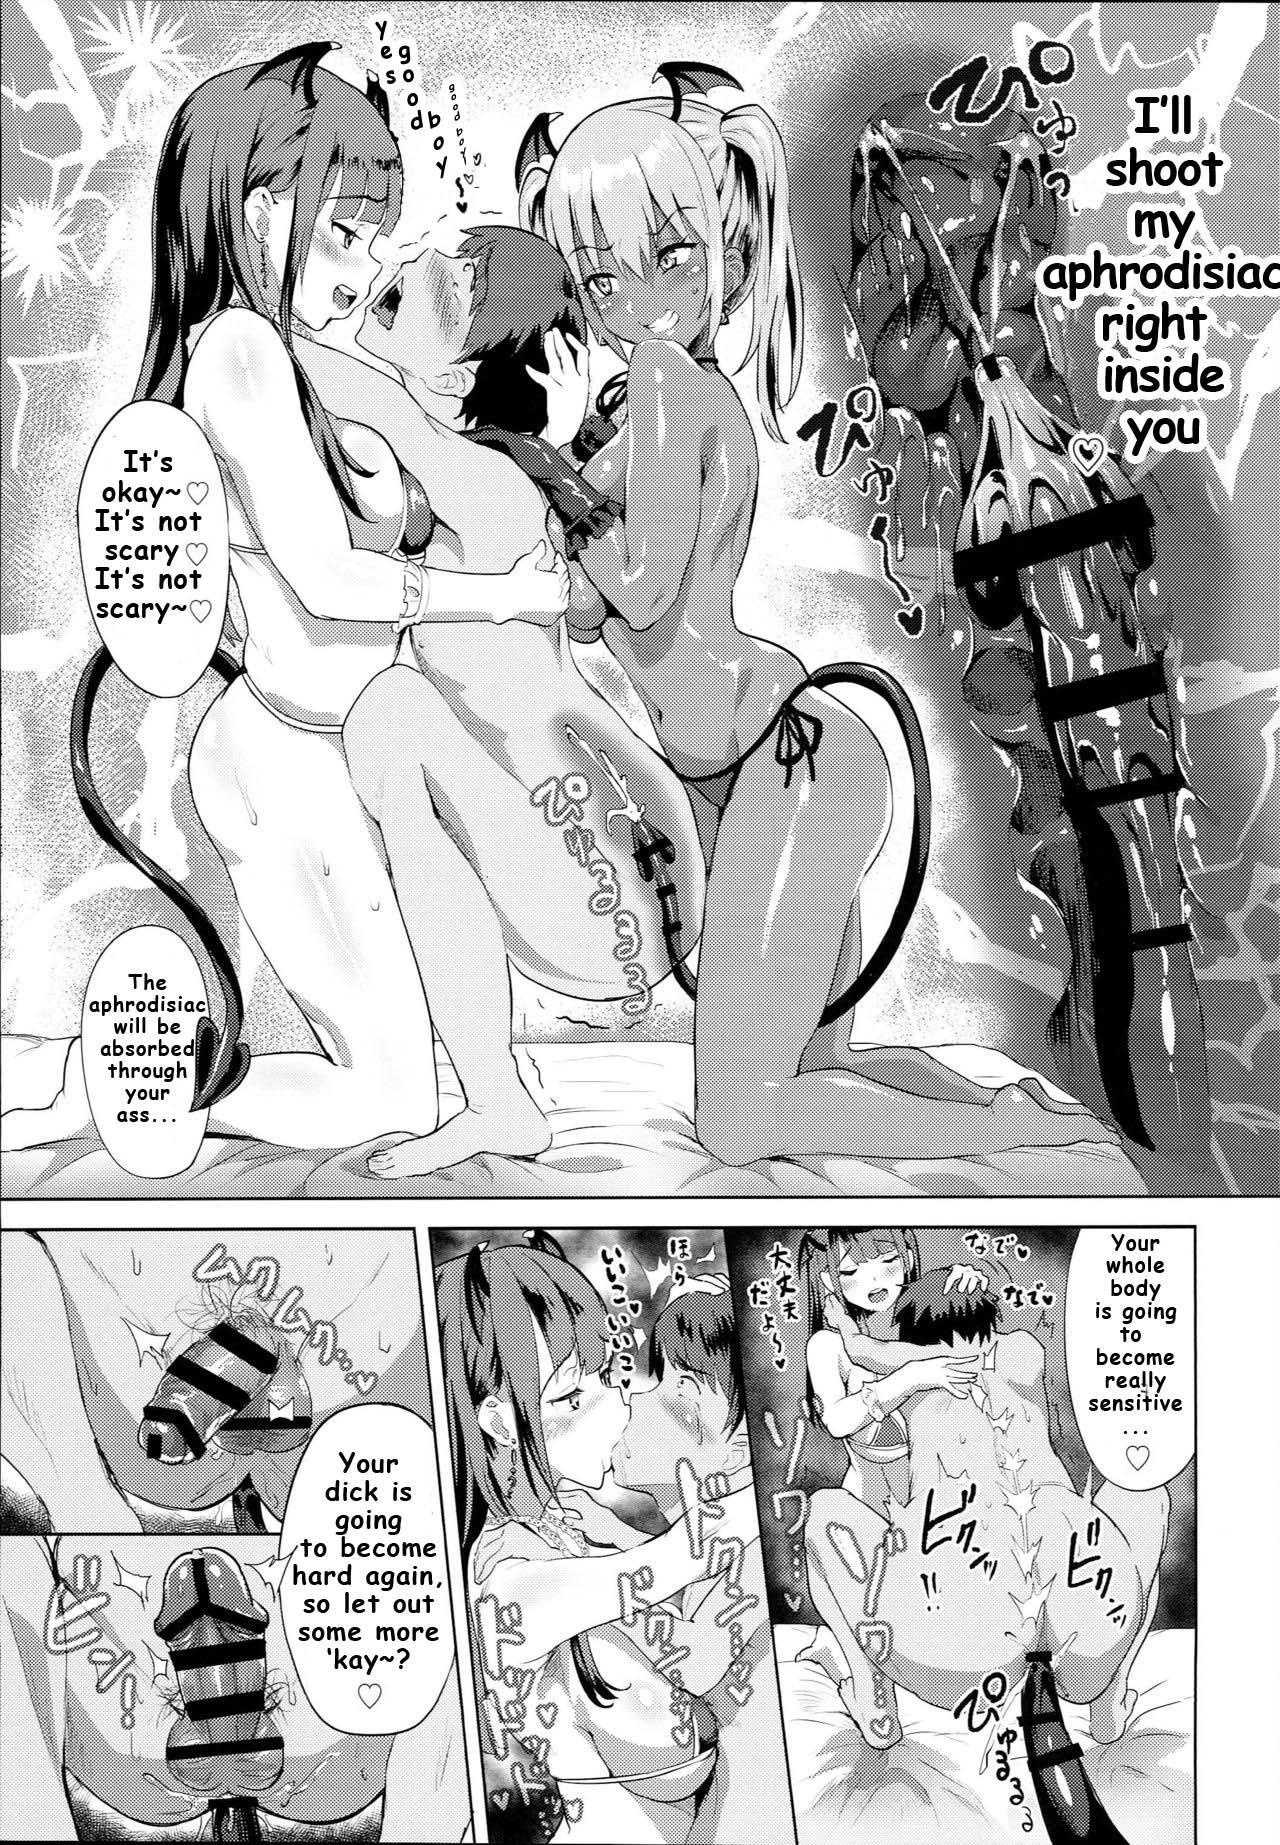 (C93) [nul_Neverland (Navier Haruka 2T)] Deli Succu!! -DeliHeal Yondara Succubus ga Kita Repo- | Delivery Succu!! - A report on ordering succubus escorts [English] [573] 18